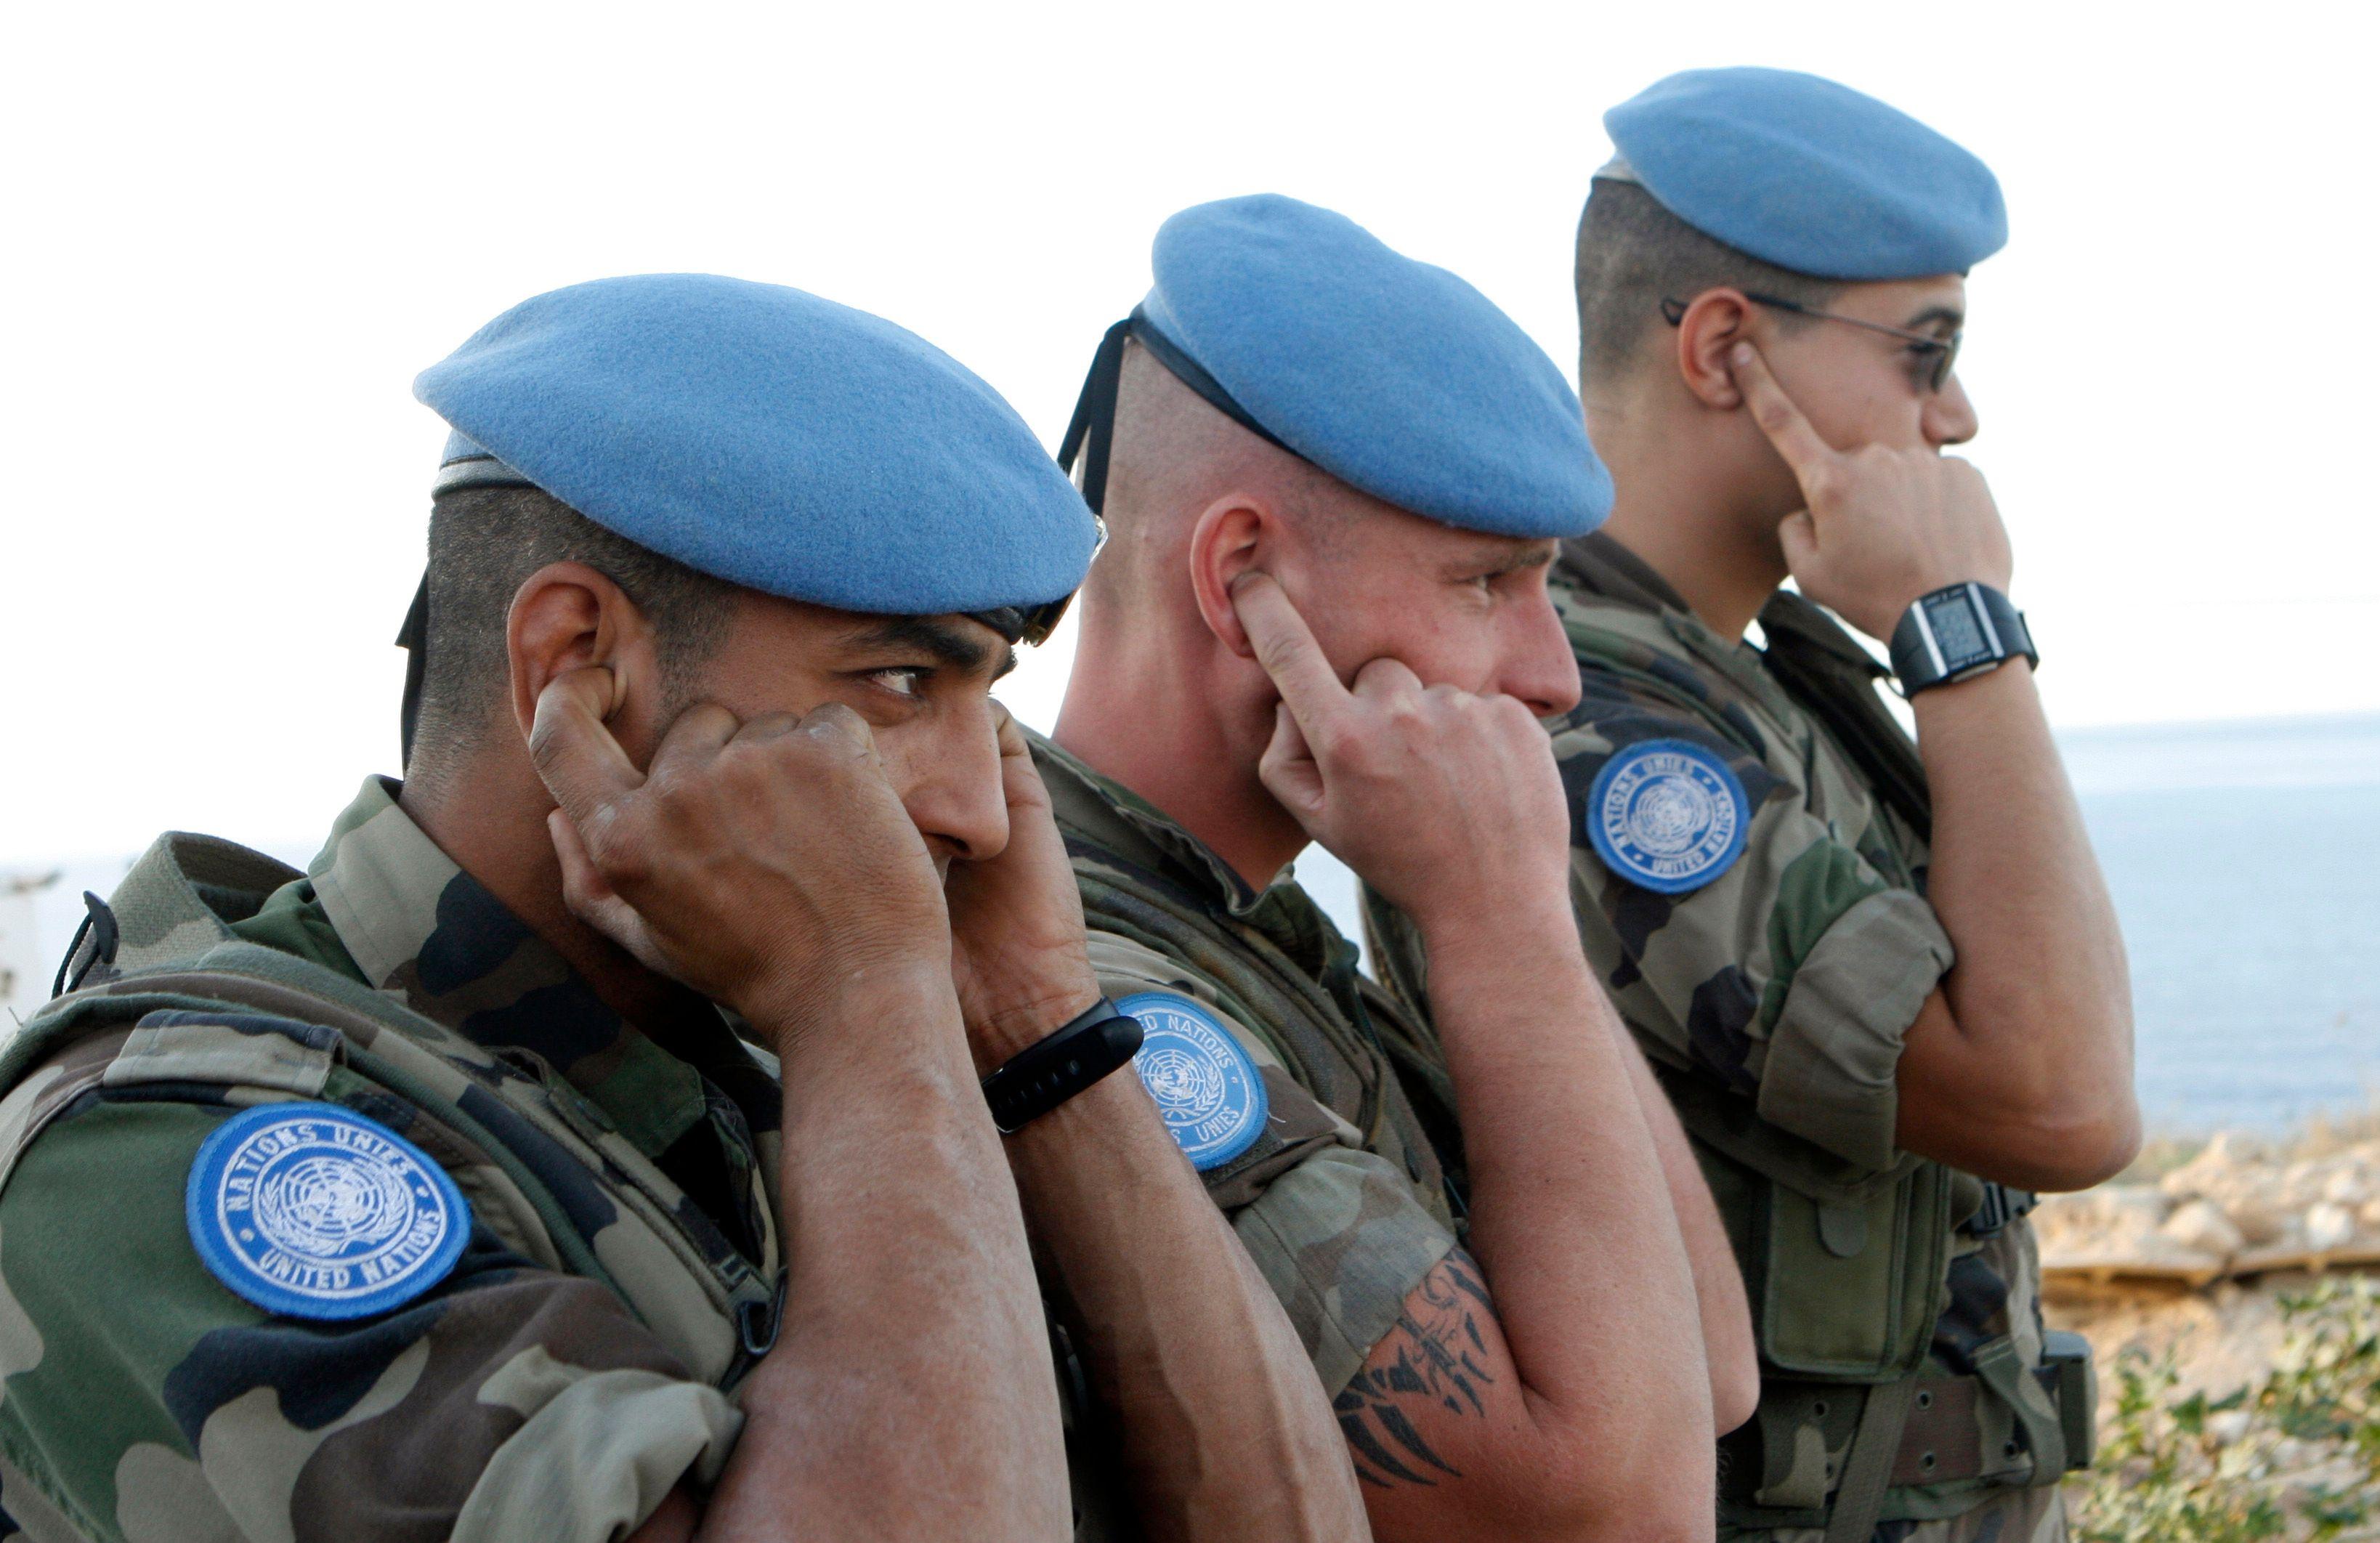 La france s'embourbe-t-elle au Mali ?